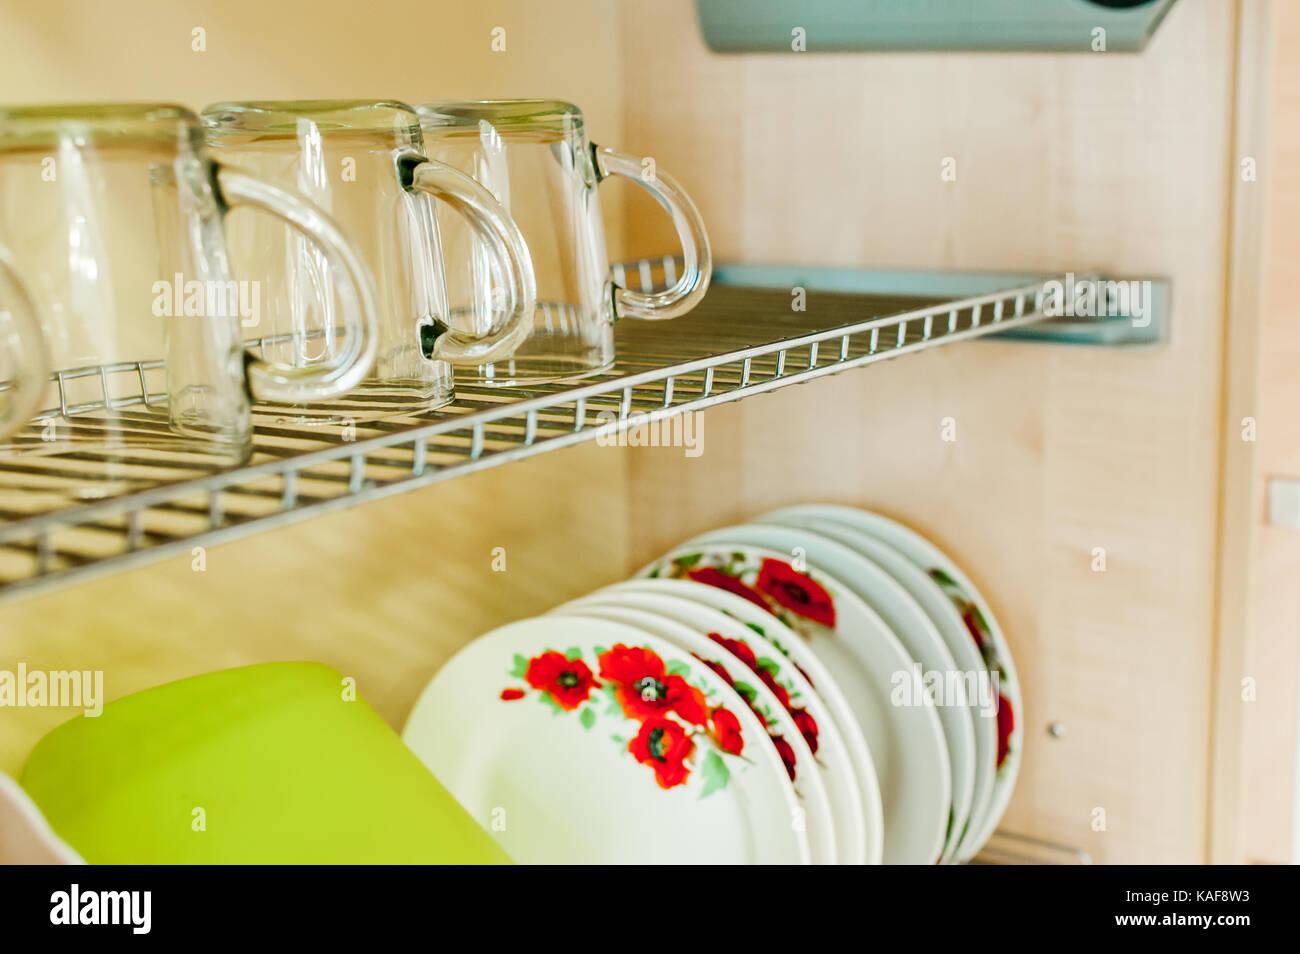 Credenza Per Piatti : Elettrodomestici per la cucina e l interno una credenza con